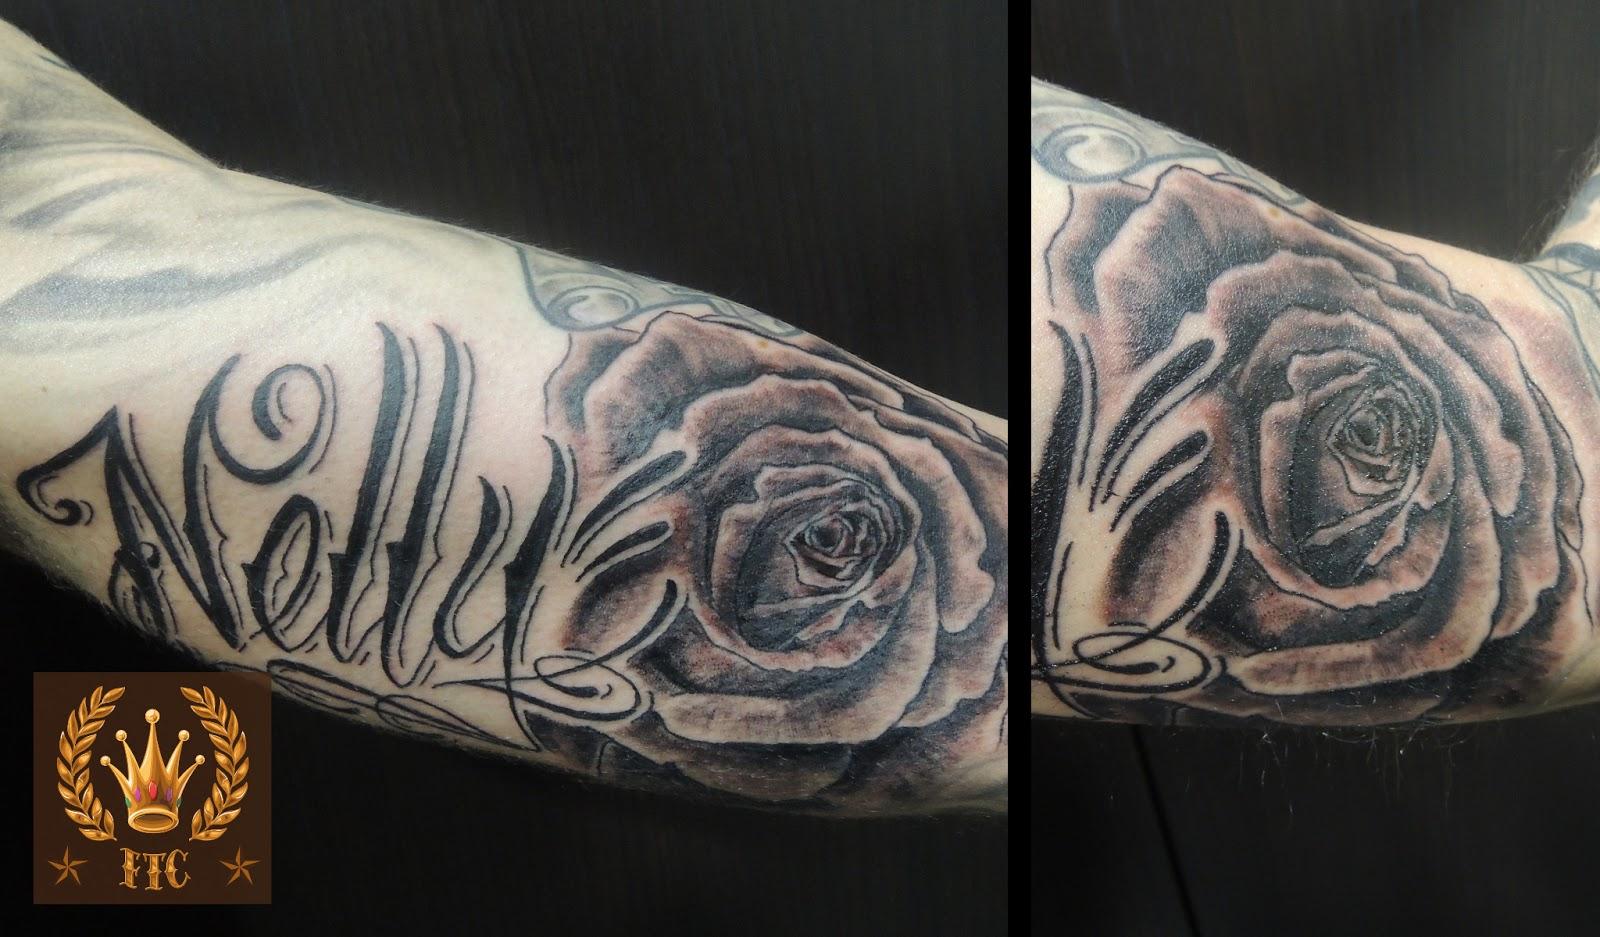 Tatouage Prenom Ecriture Fine - Calligraphie tatouage lettre L K V M calligraphie Flickr